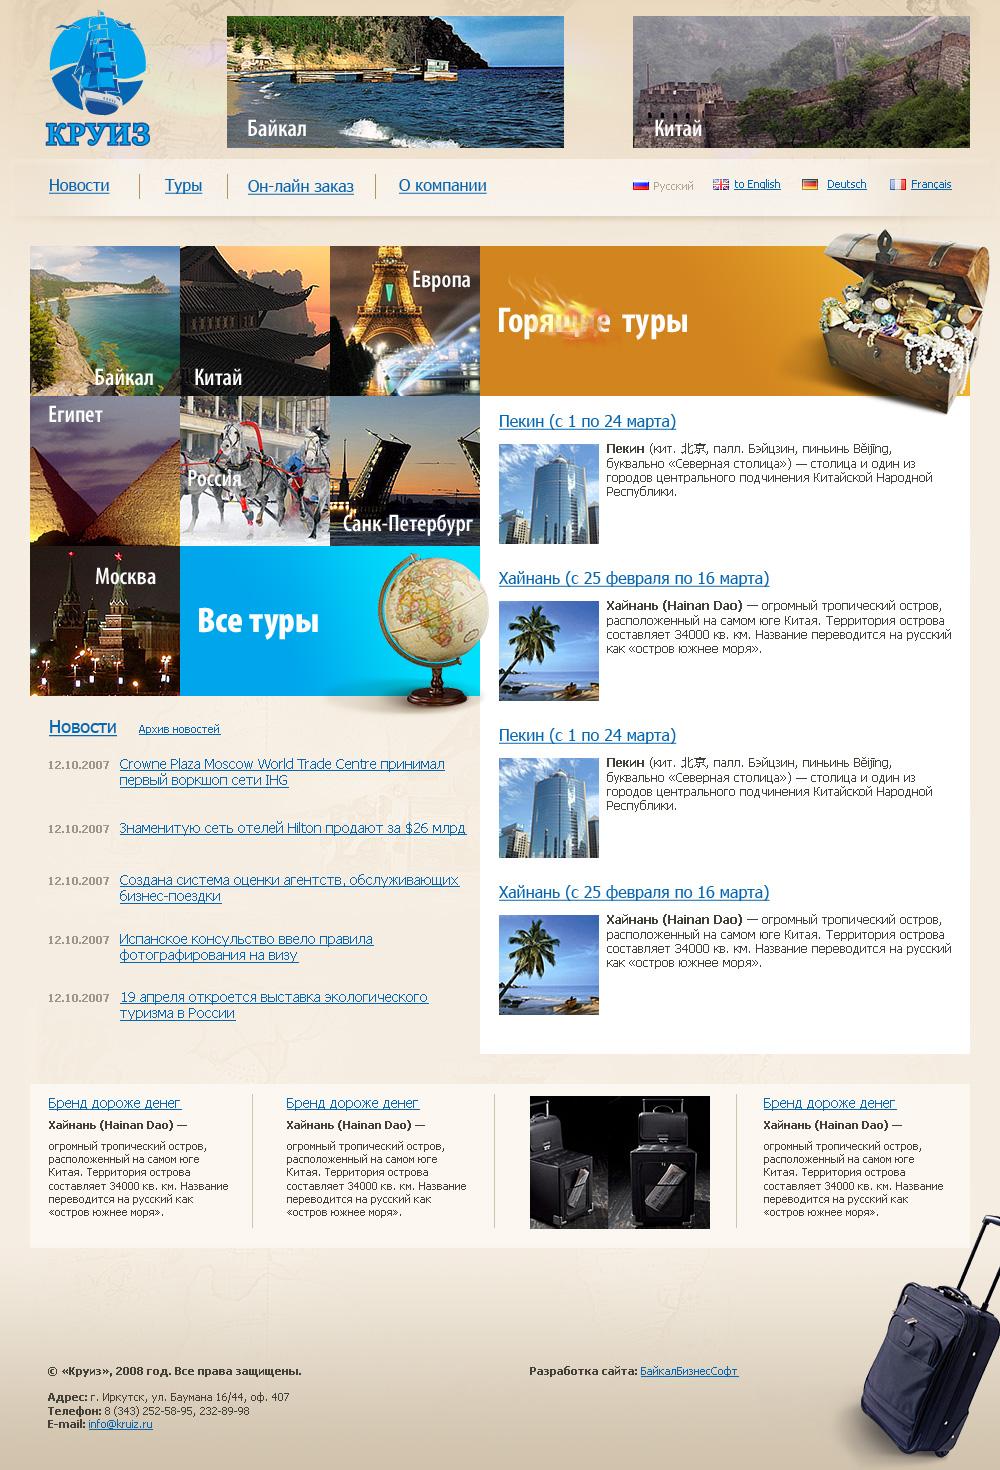 Туристическая компания. Дизайн сайта